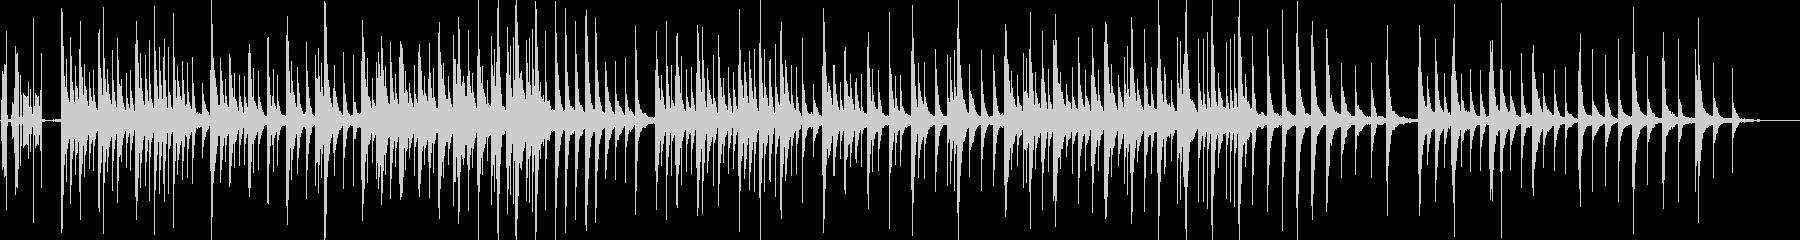 オルゴール(ねじを回してから止まるまで)の未再生の波形